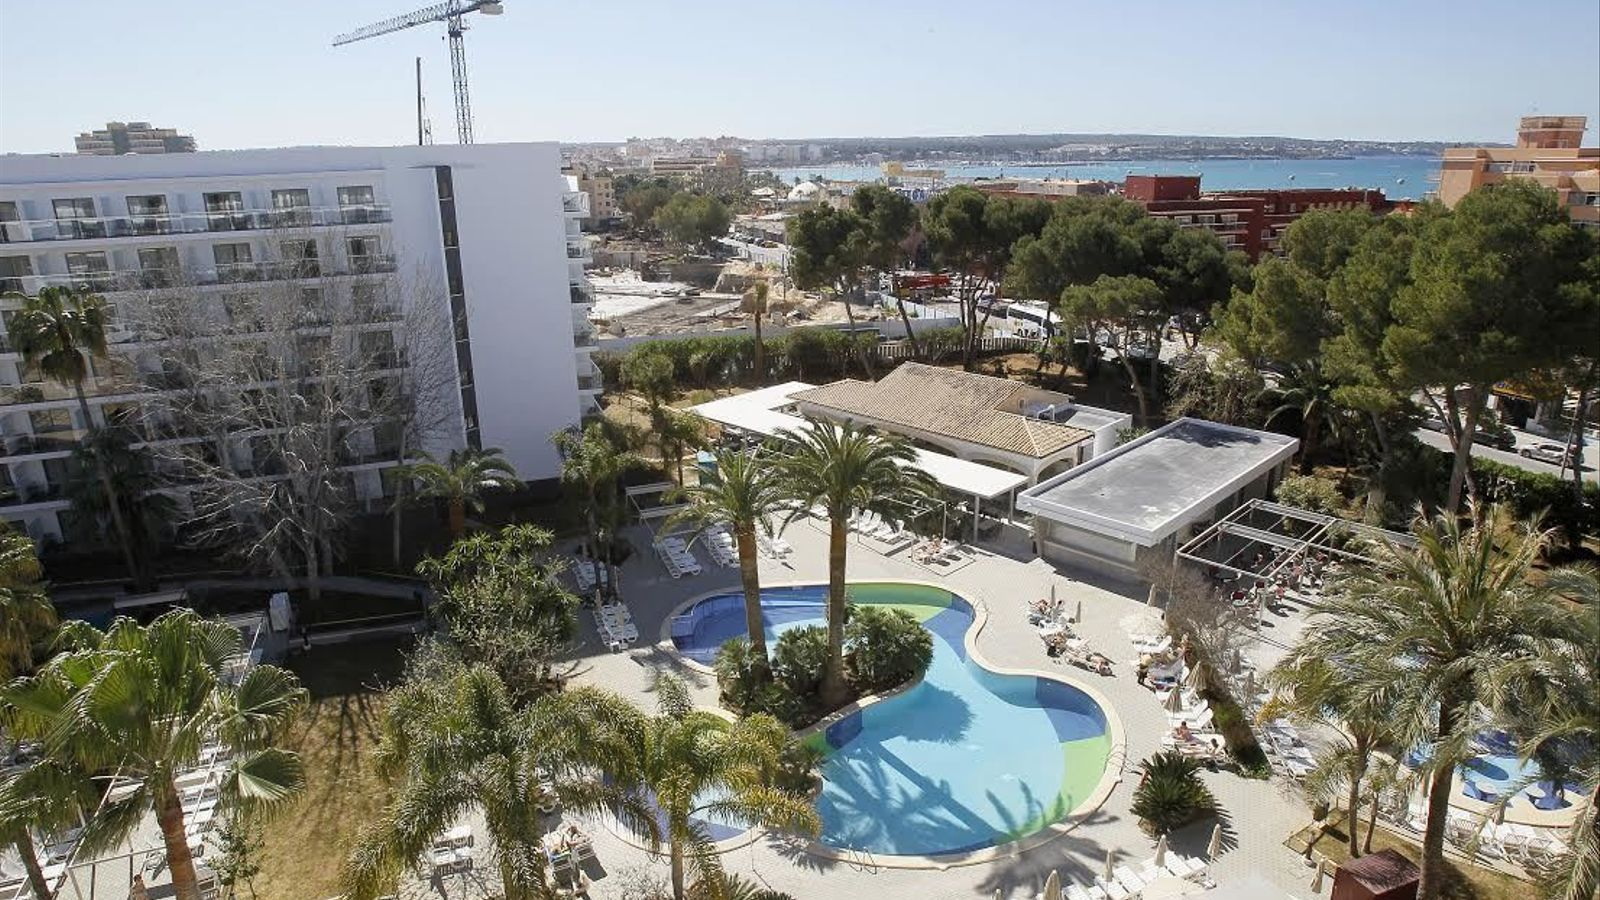 La llei Barceló permet ampliar hotels eludint les normes territorials